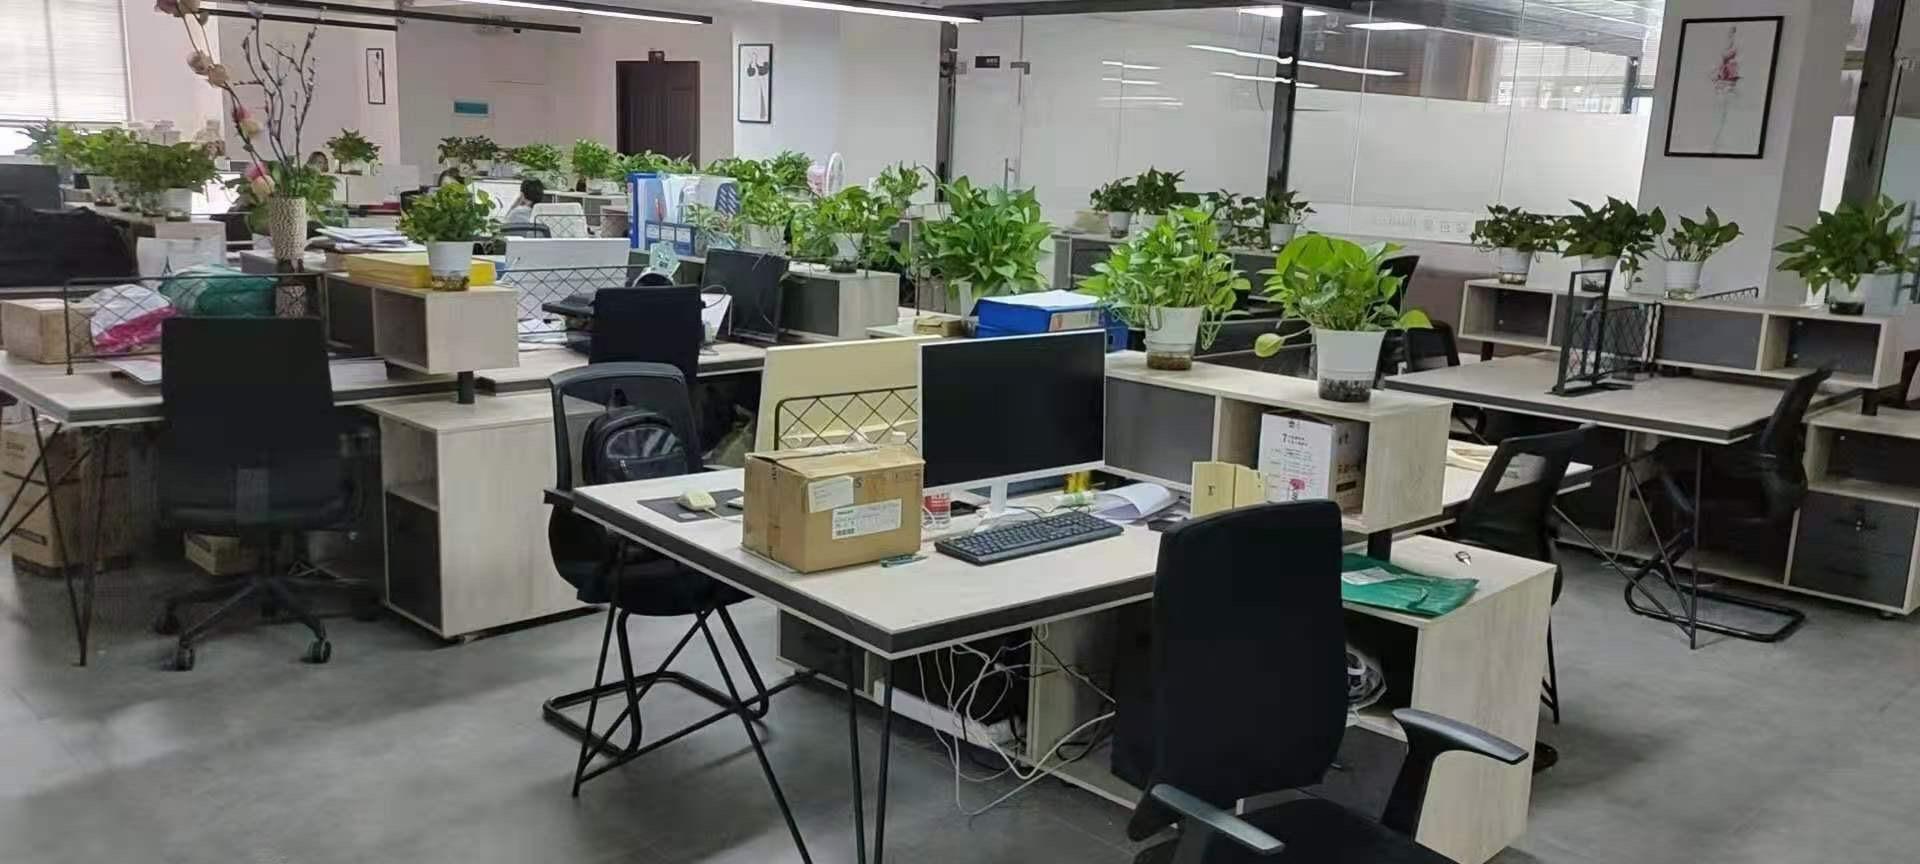 哈尔滨办公家具回收 大班台回收 回收学校物资 培训桌椅回收